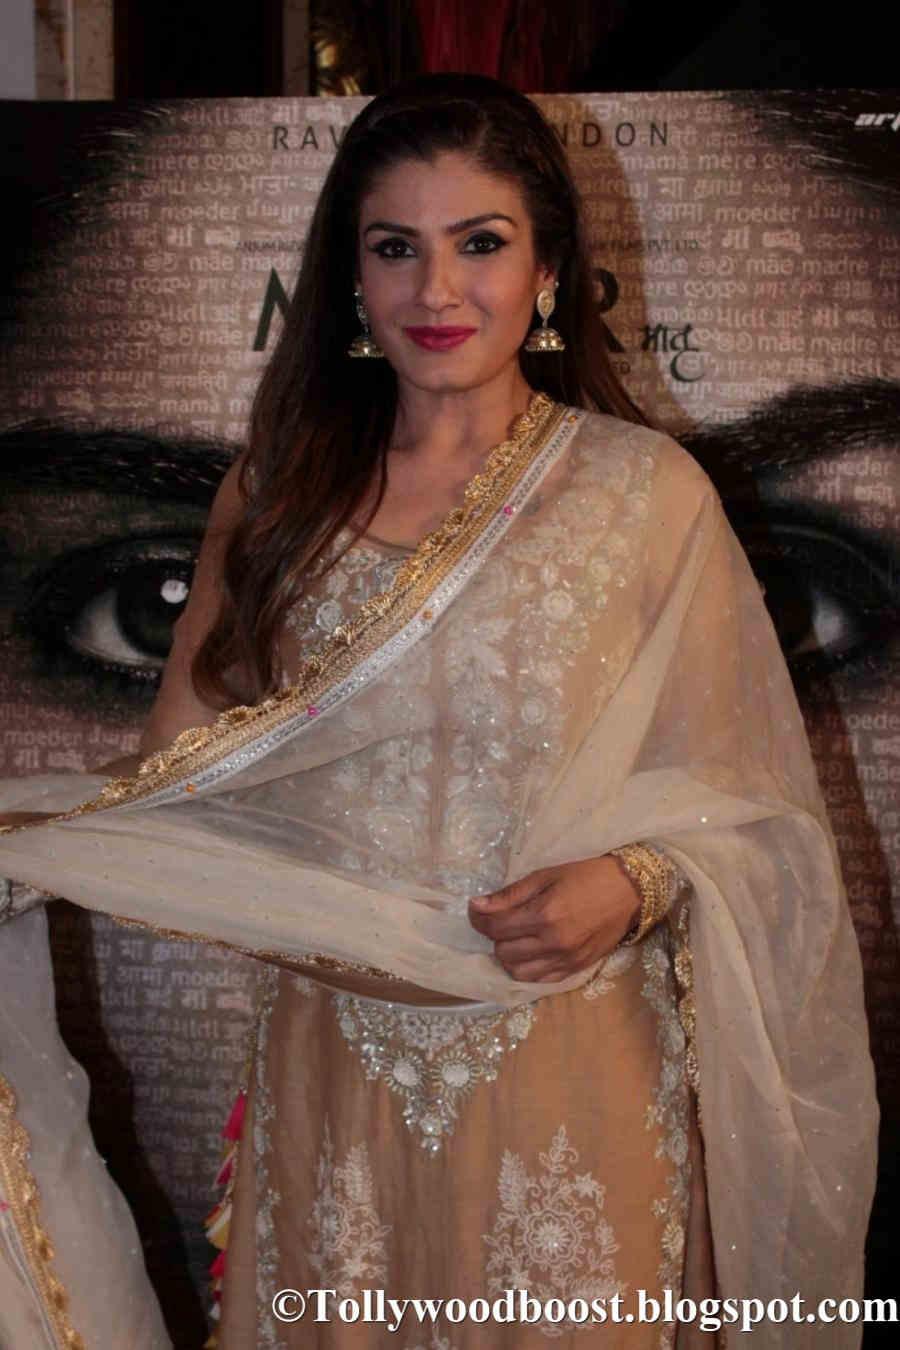 Actress Raveena Tandon At Mumbai Press Conference In White Dress